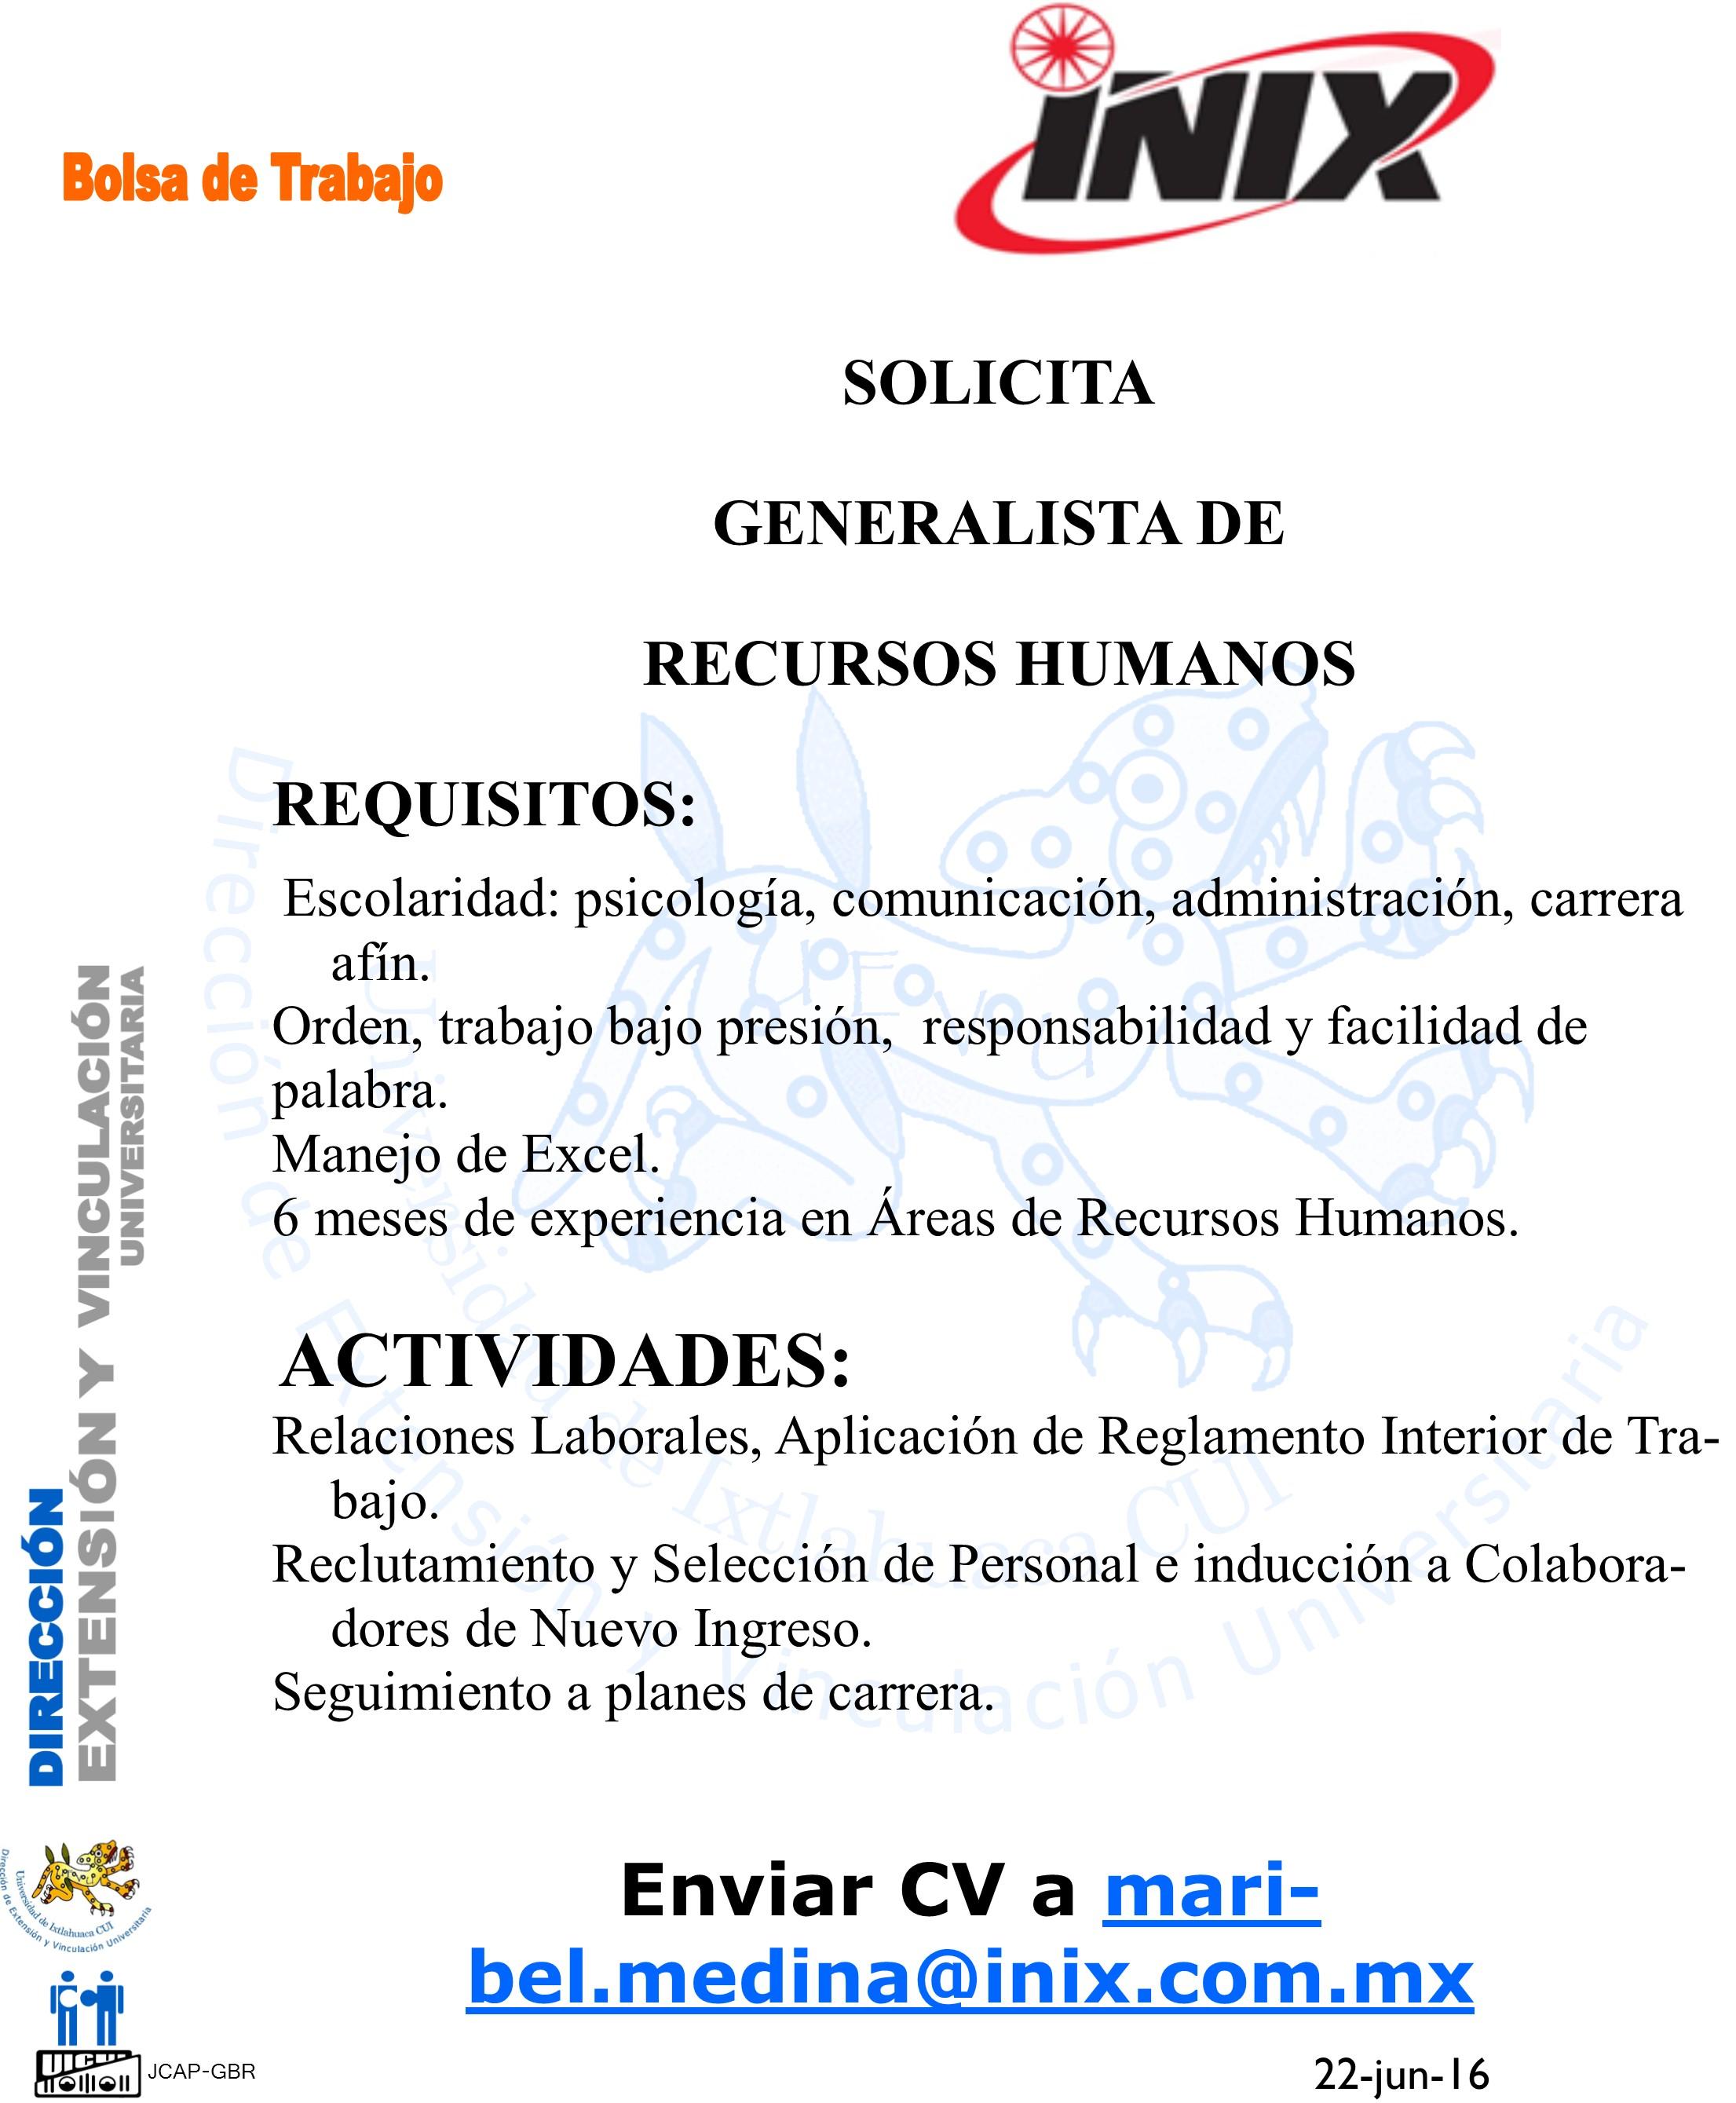 Ofertas de trabajo en Toluca de Lerdo. Consulta todas las ofertas de empleo diarias en Toluca de Lerdo publicadas en Corner Job.